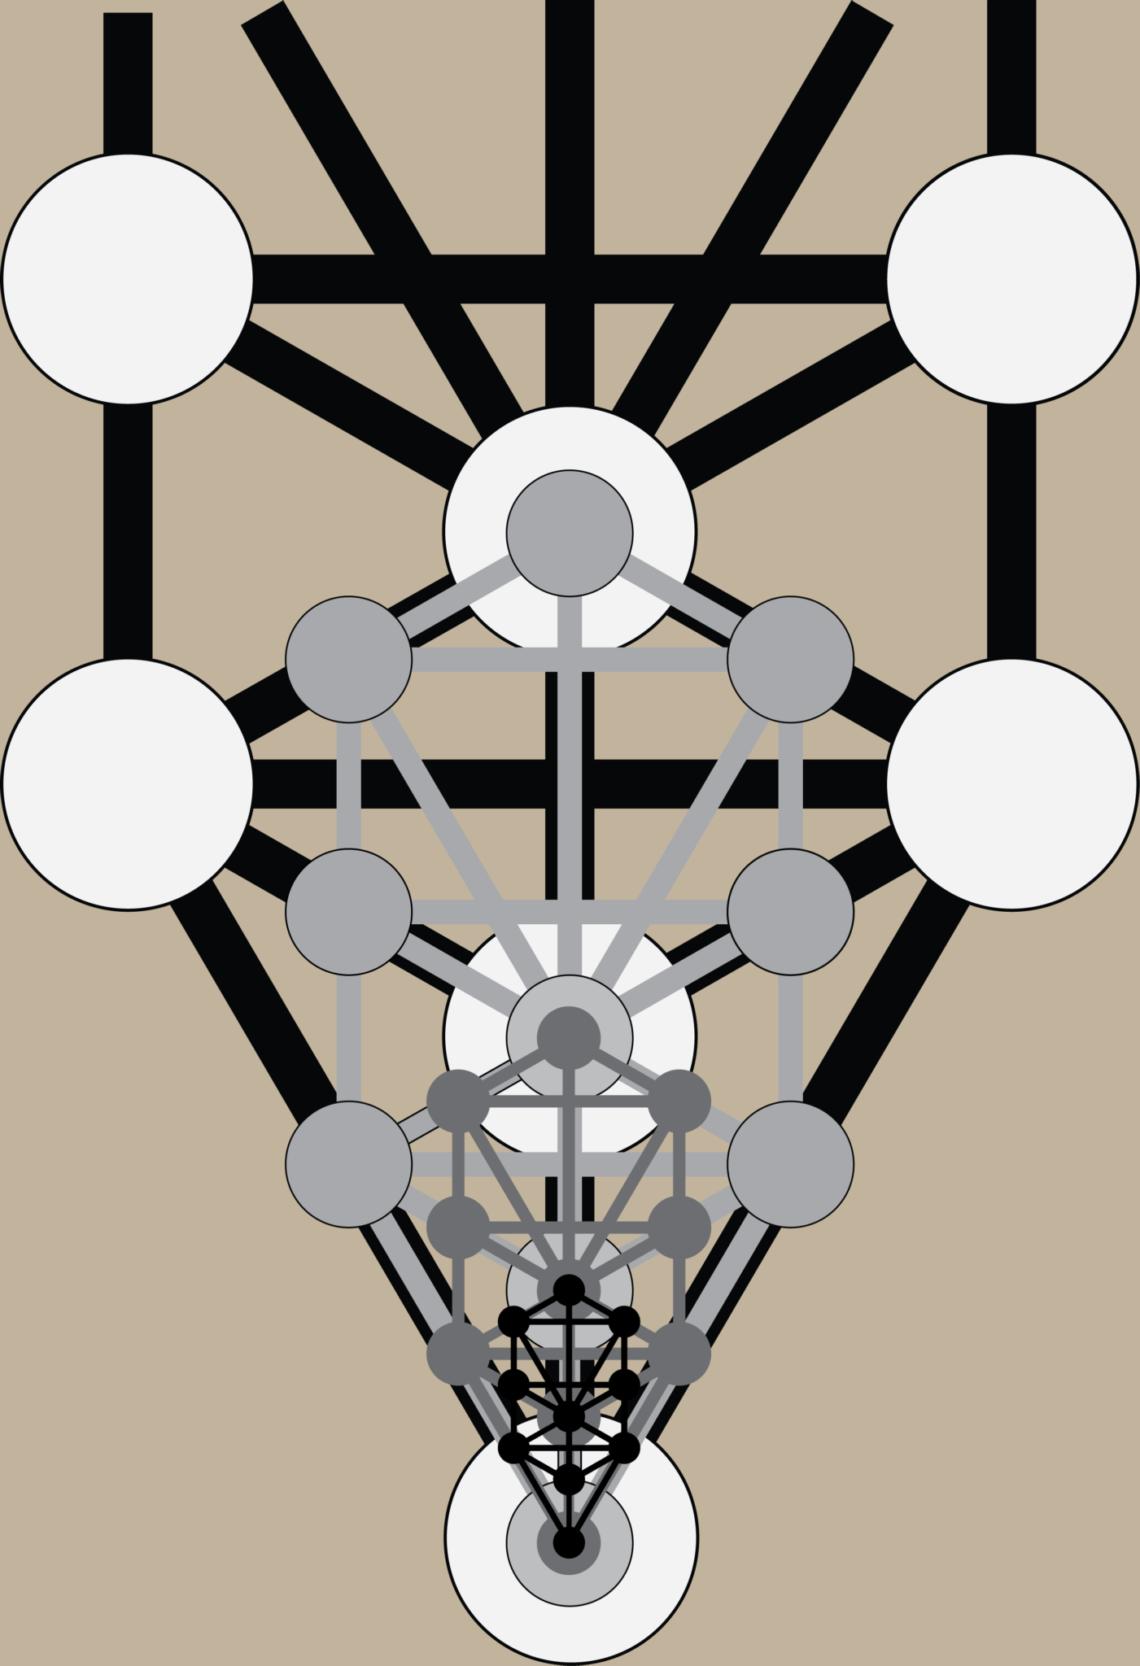 Anatomie du Corps de Dieu : chapitre 5